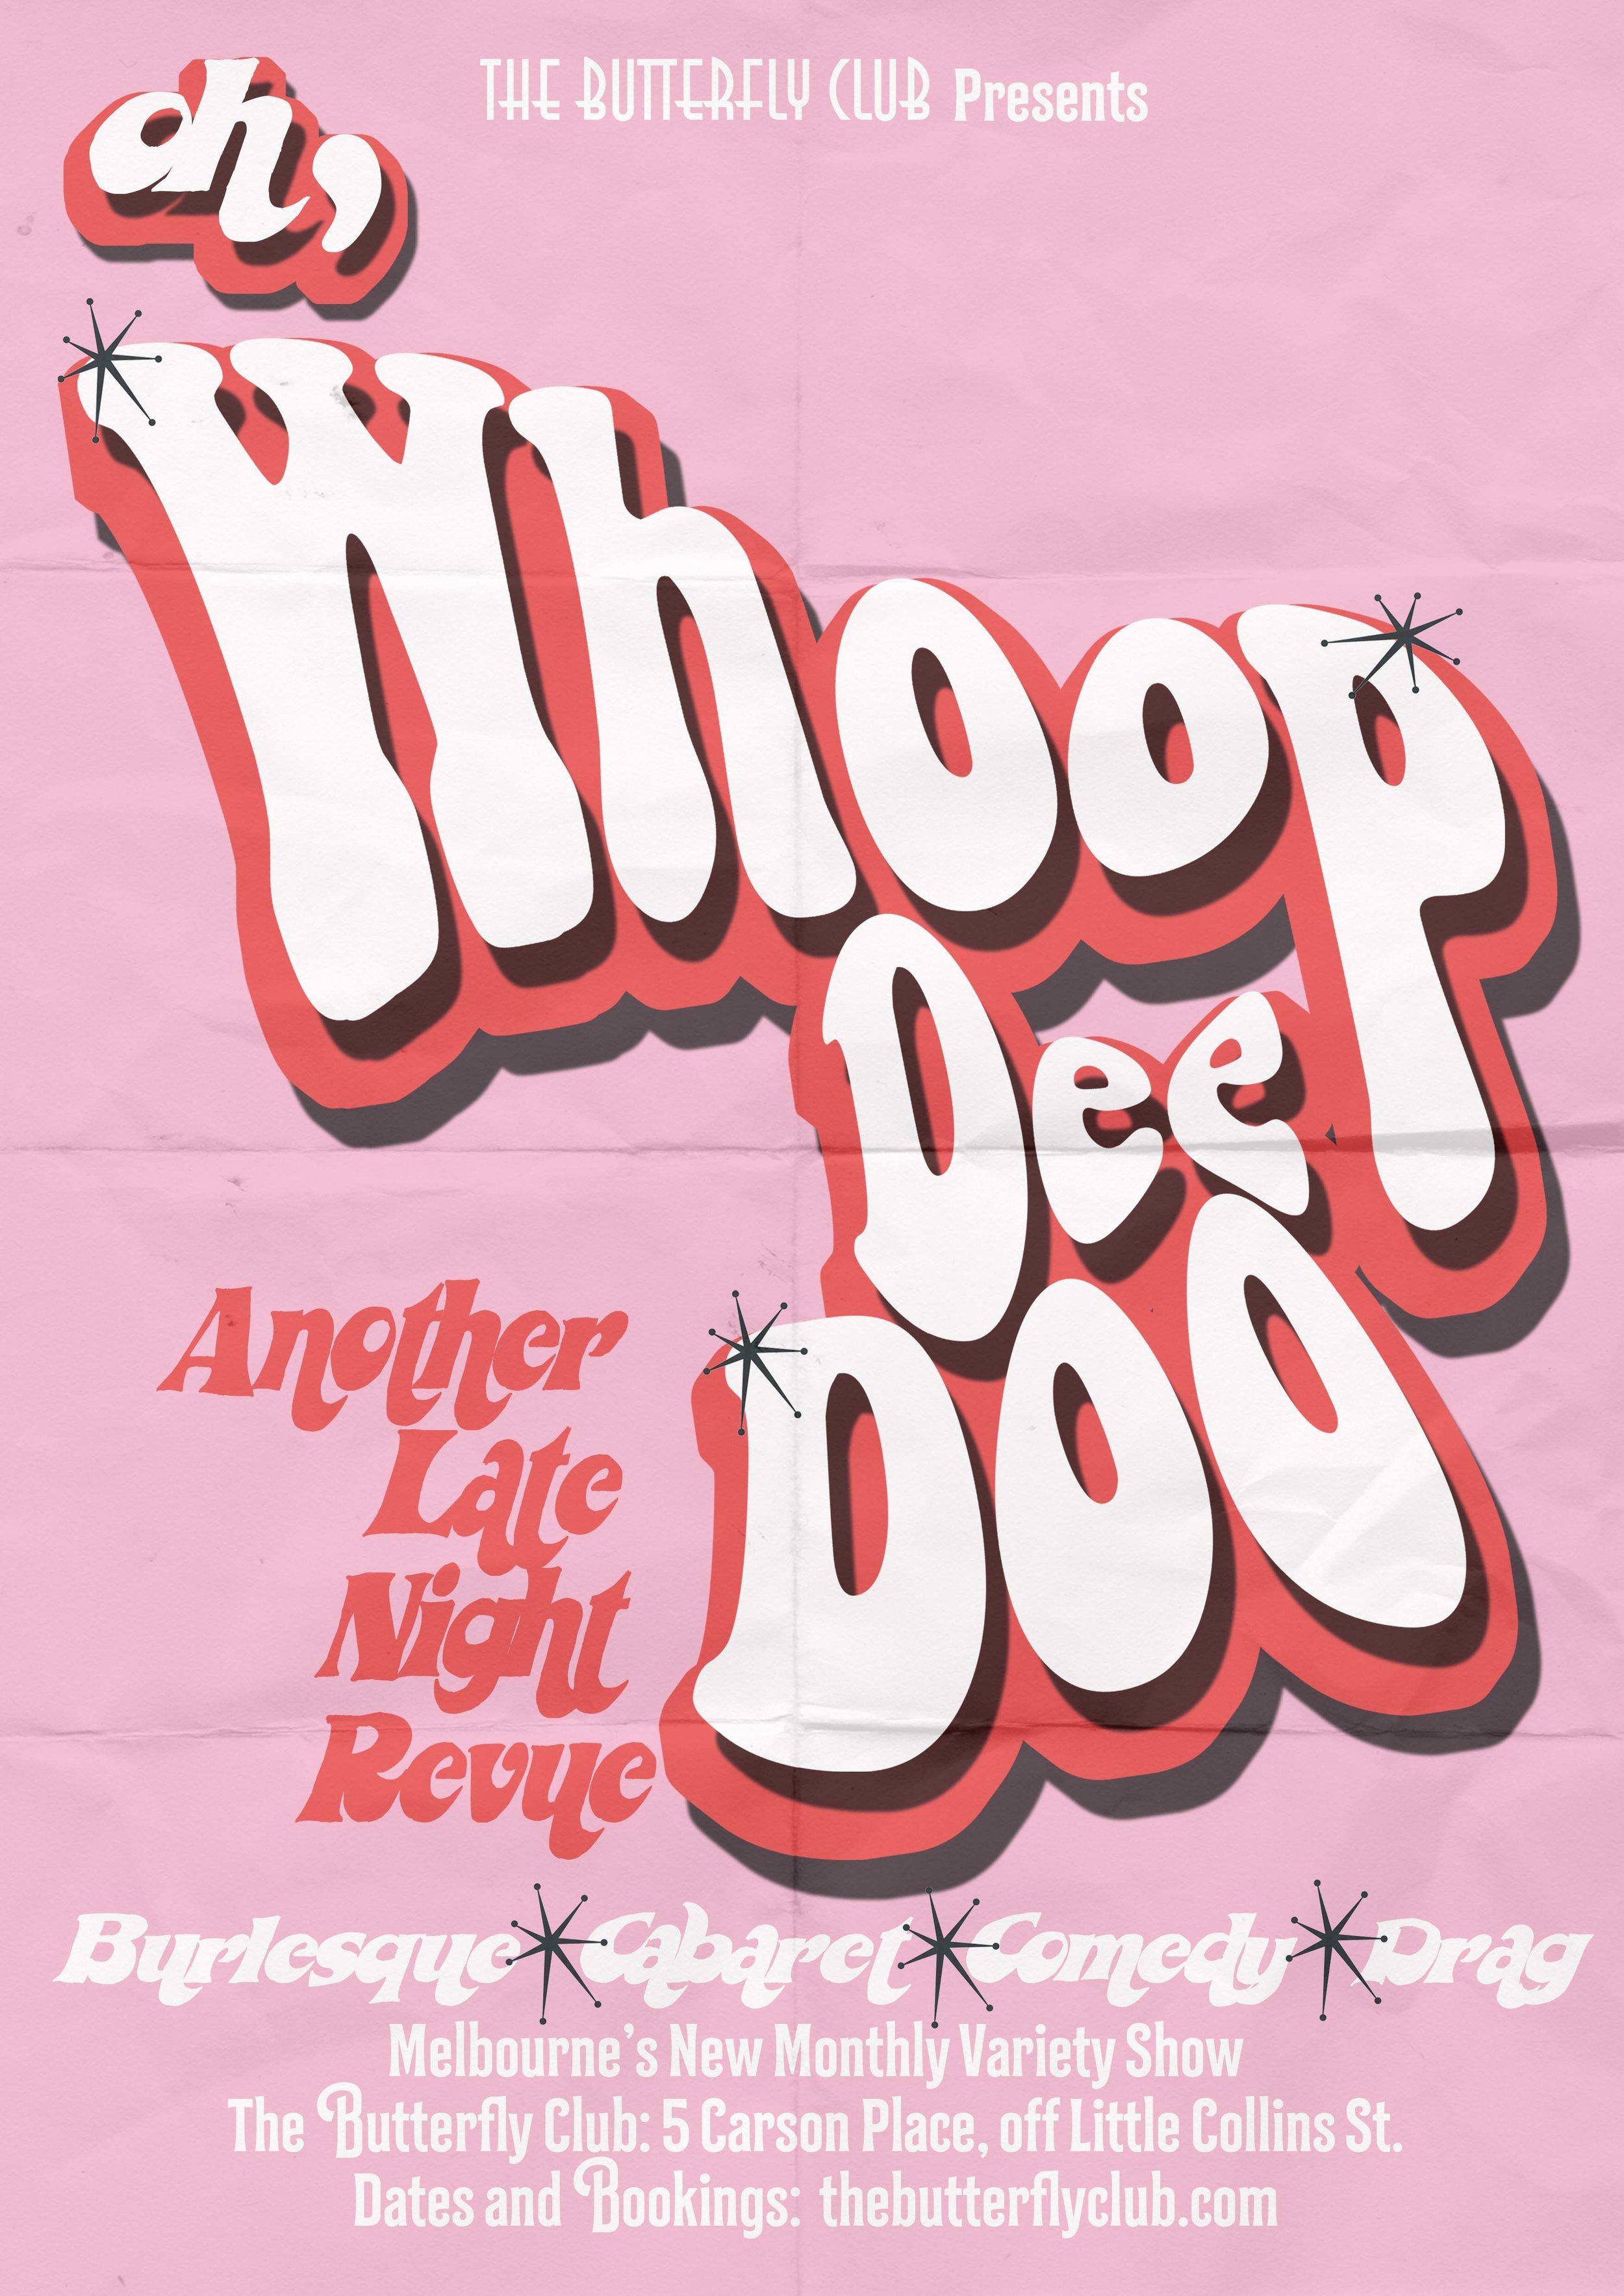 whoop poster 2 flyer.jpg